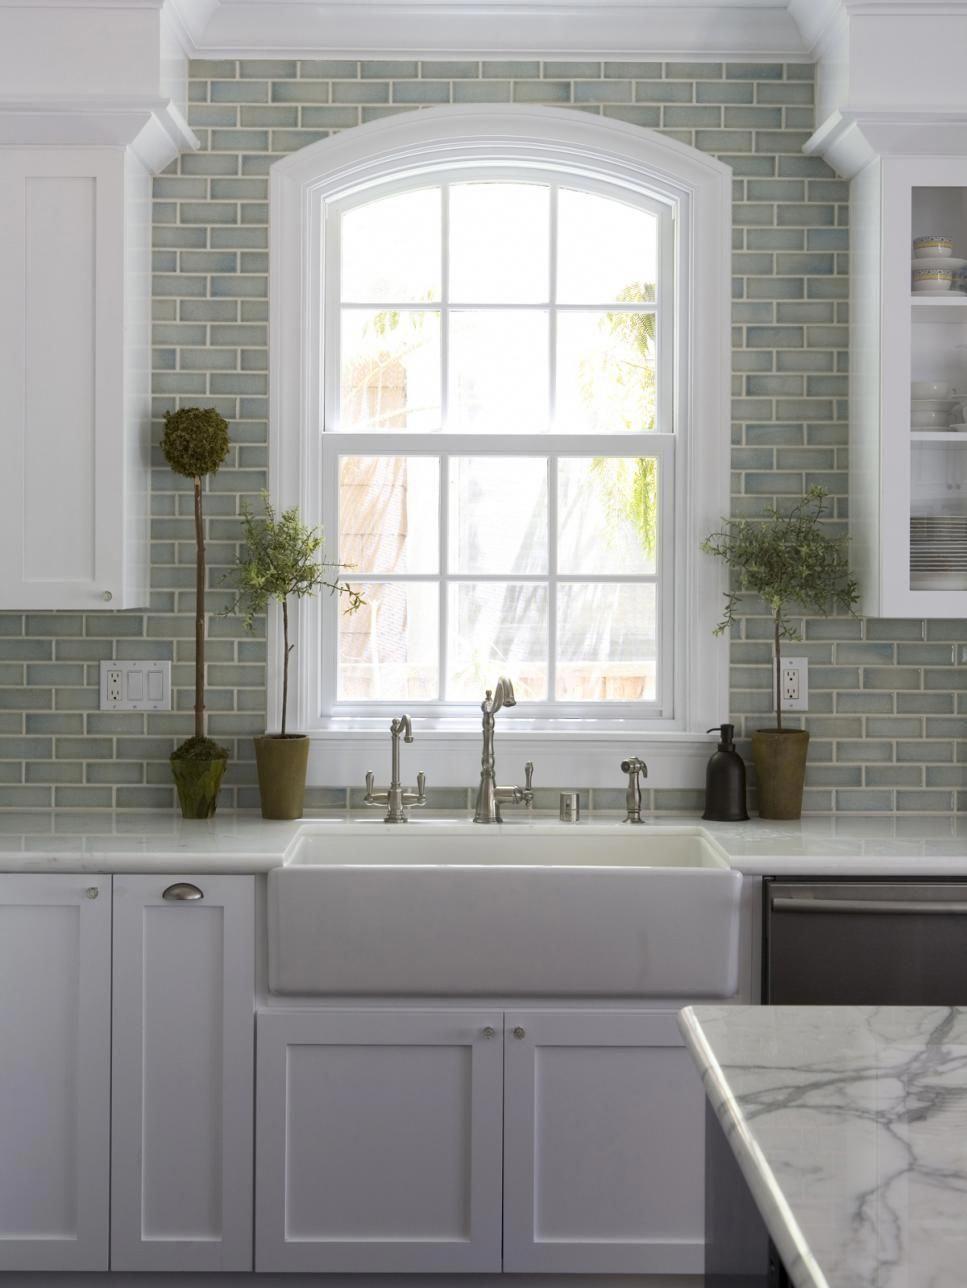 Kitchen window no trim  hgtv has dozens of pictures of beautiful kitchen backsplash ideas